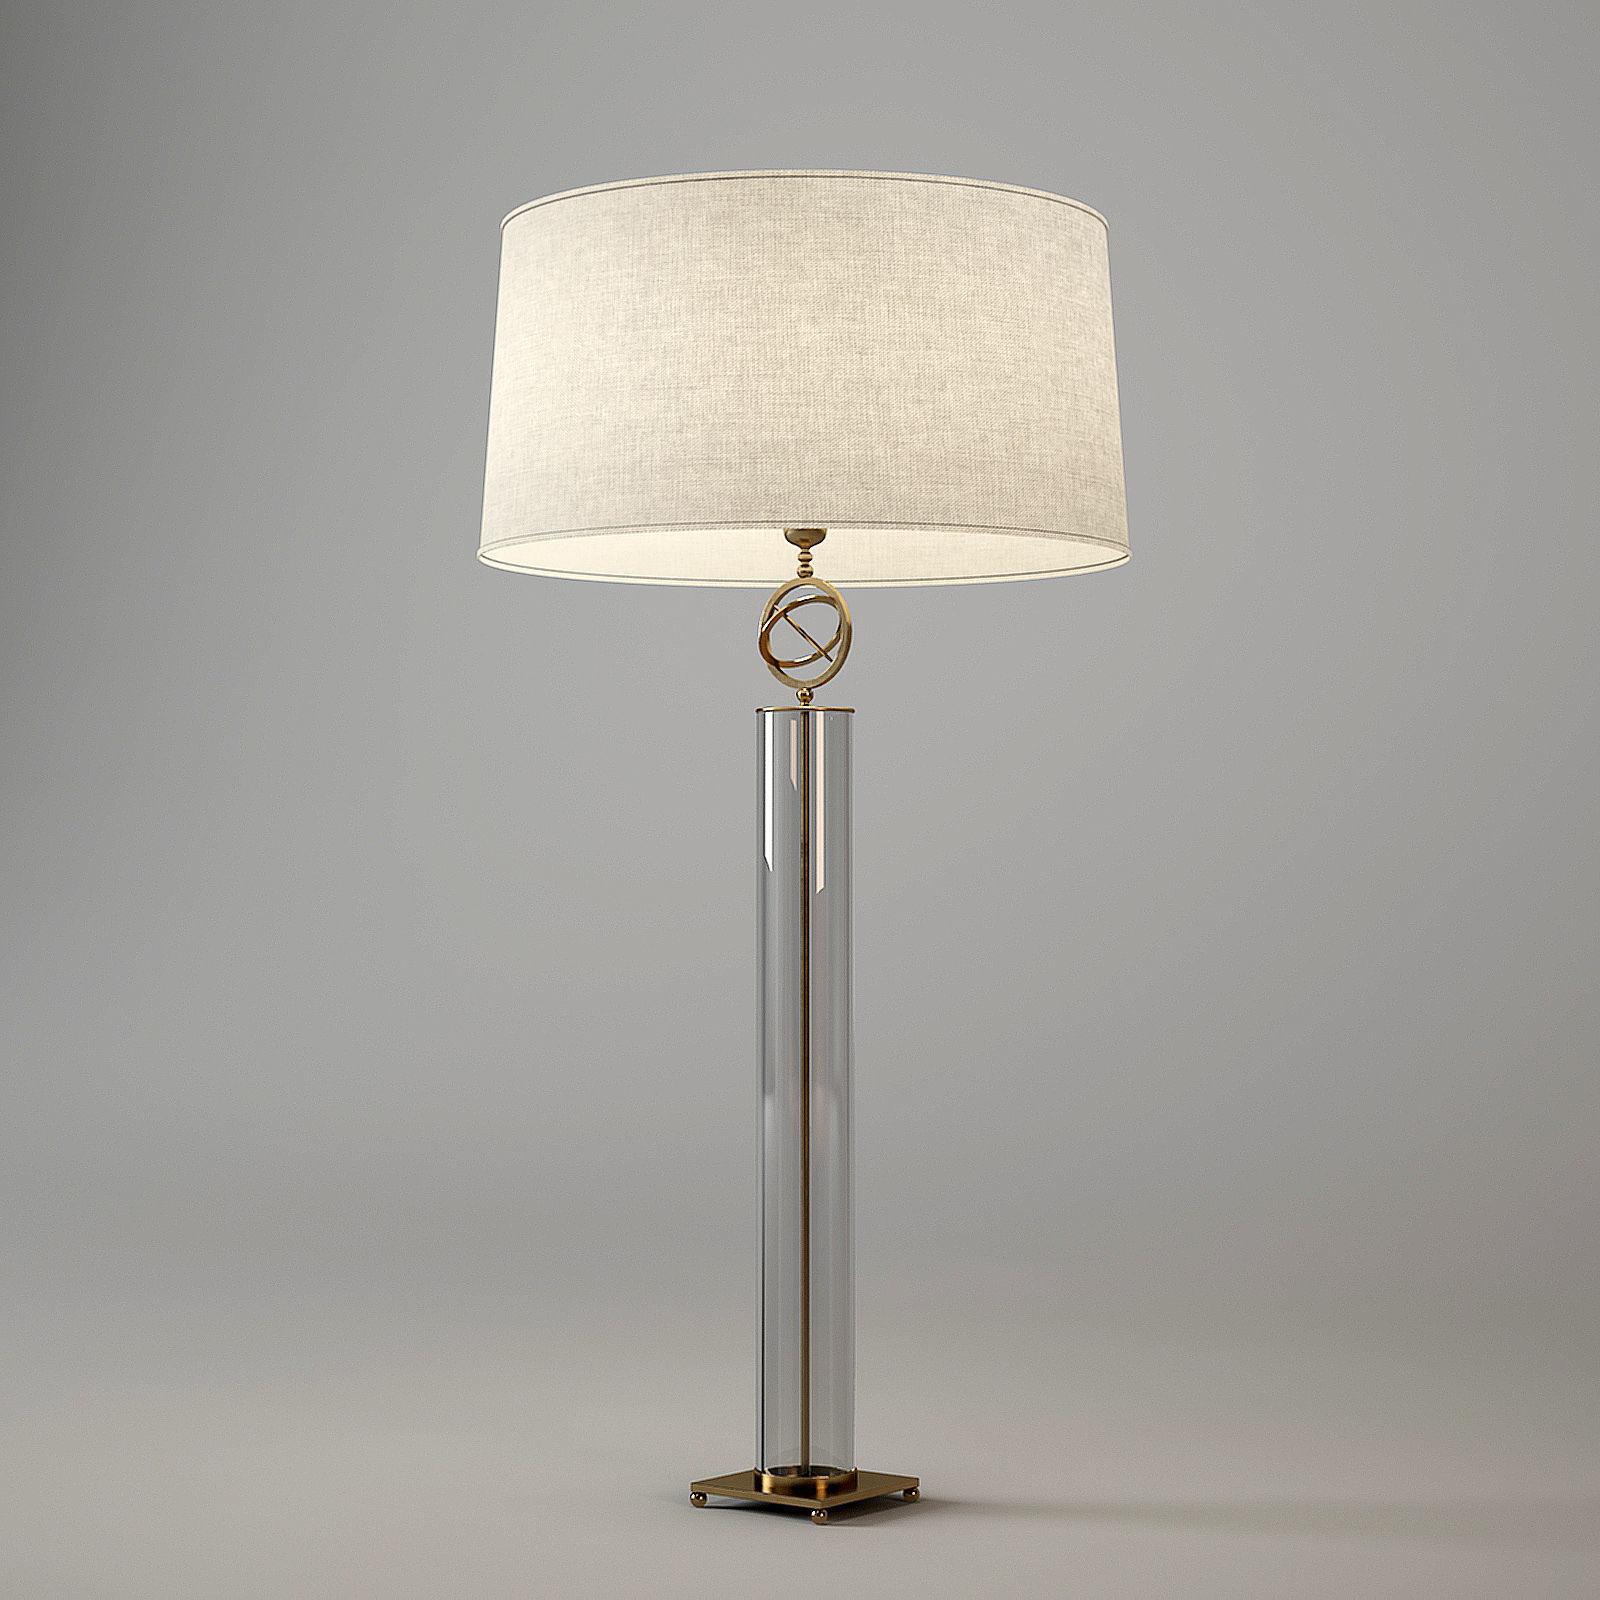 Baker Orb Table Lamp Ph166g 3d Model Max Obj Mtl 3ds Fbx Dxf Dwg 1 ...